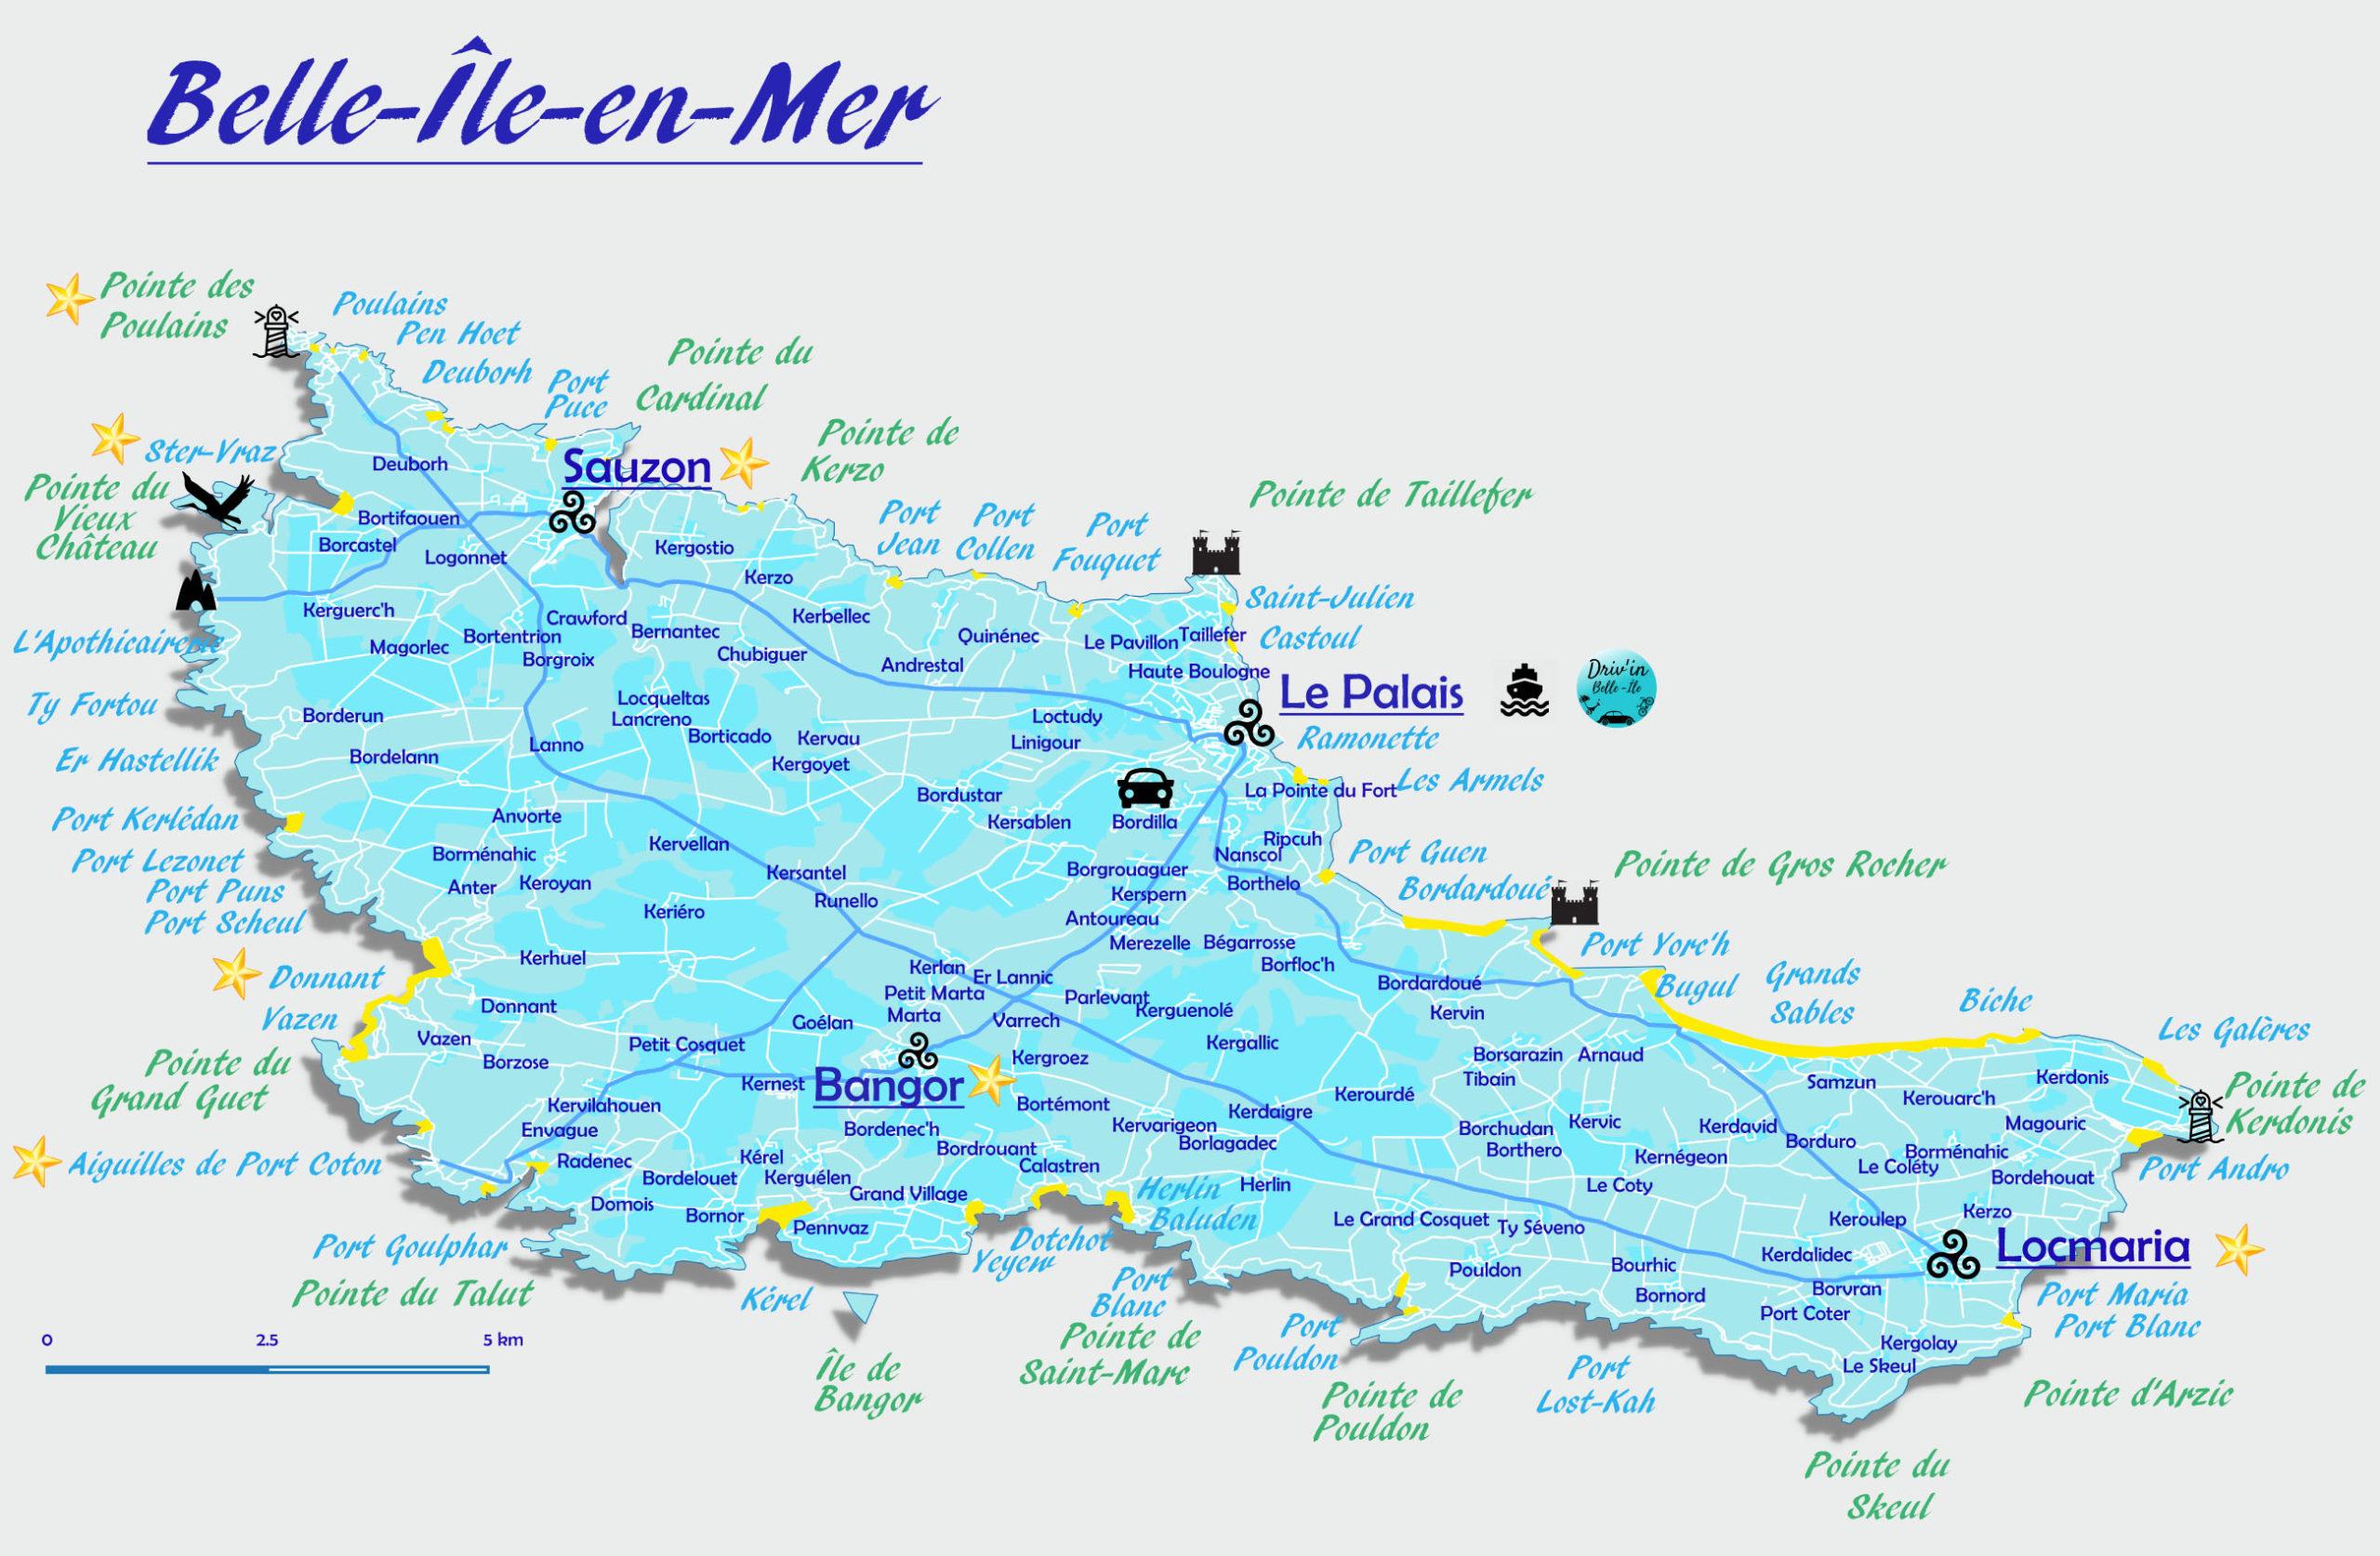 Découvrir Belle-Île - Carte Belle Ile en Mer -